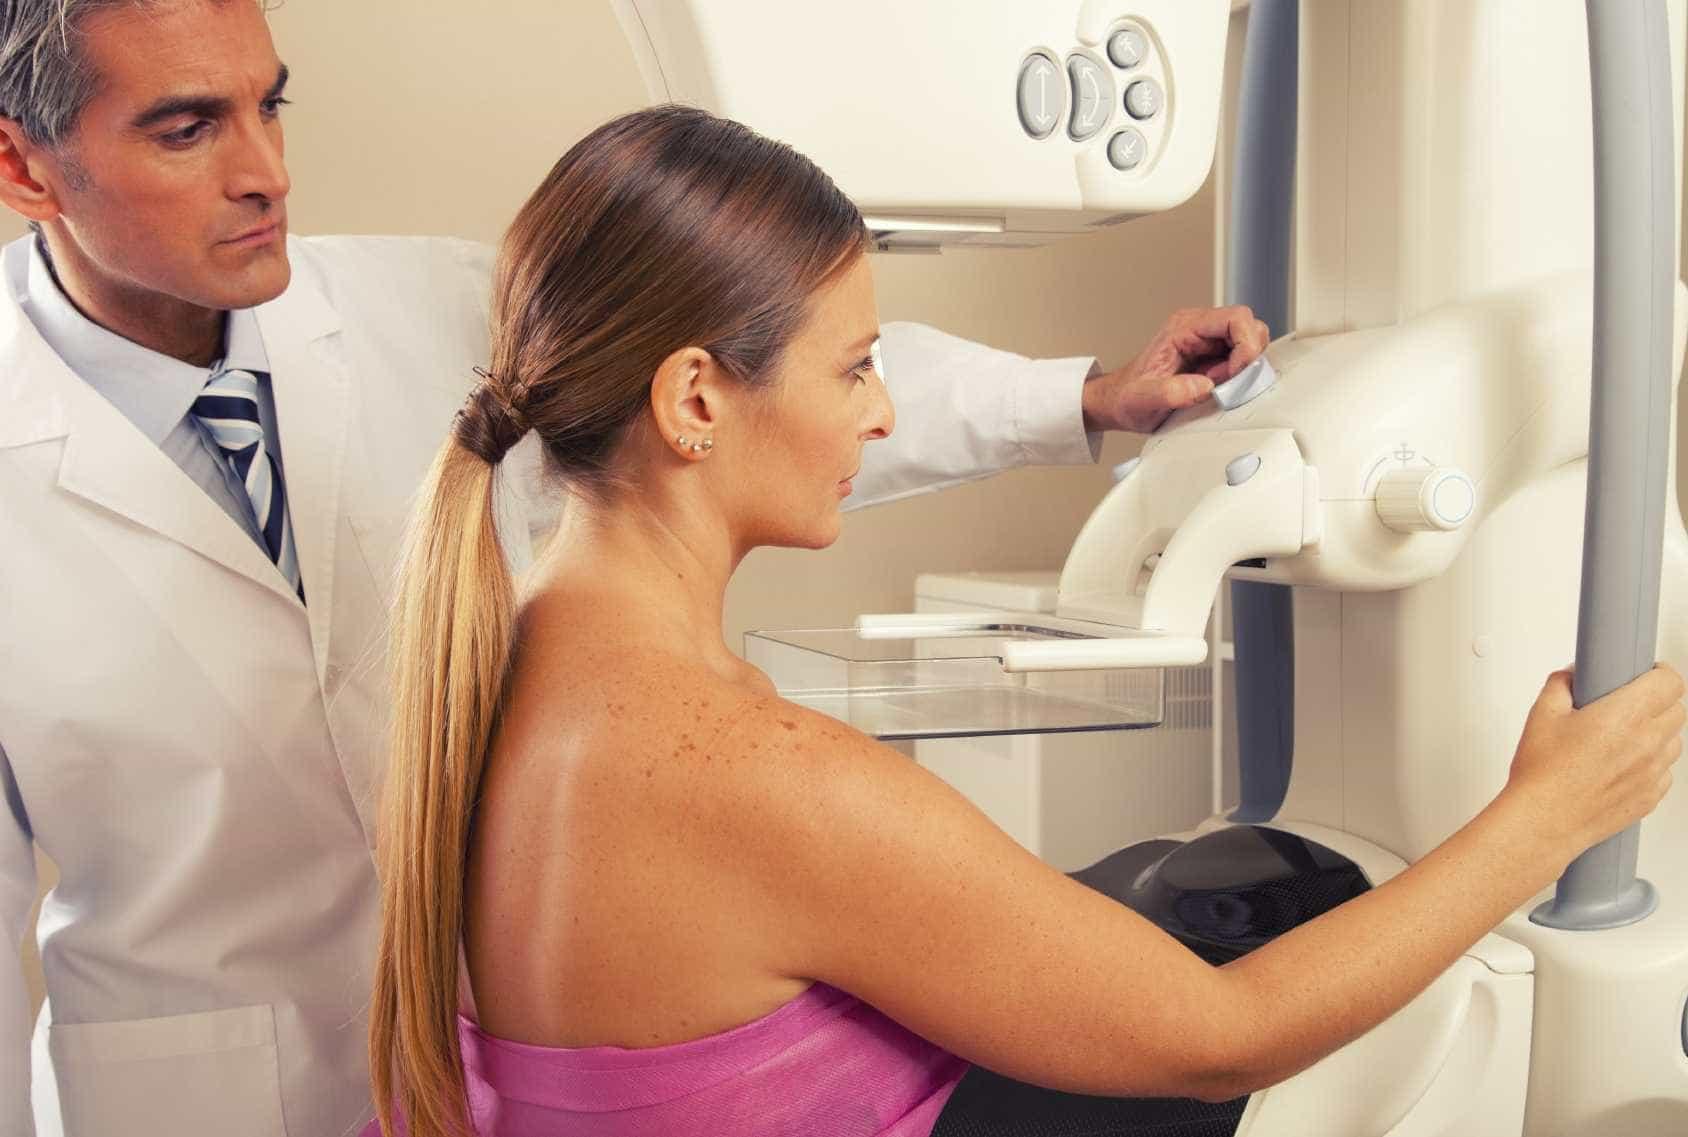 Liga do hospital de Viana quer juntar 100 mil euros para novo mamógrafo